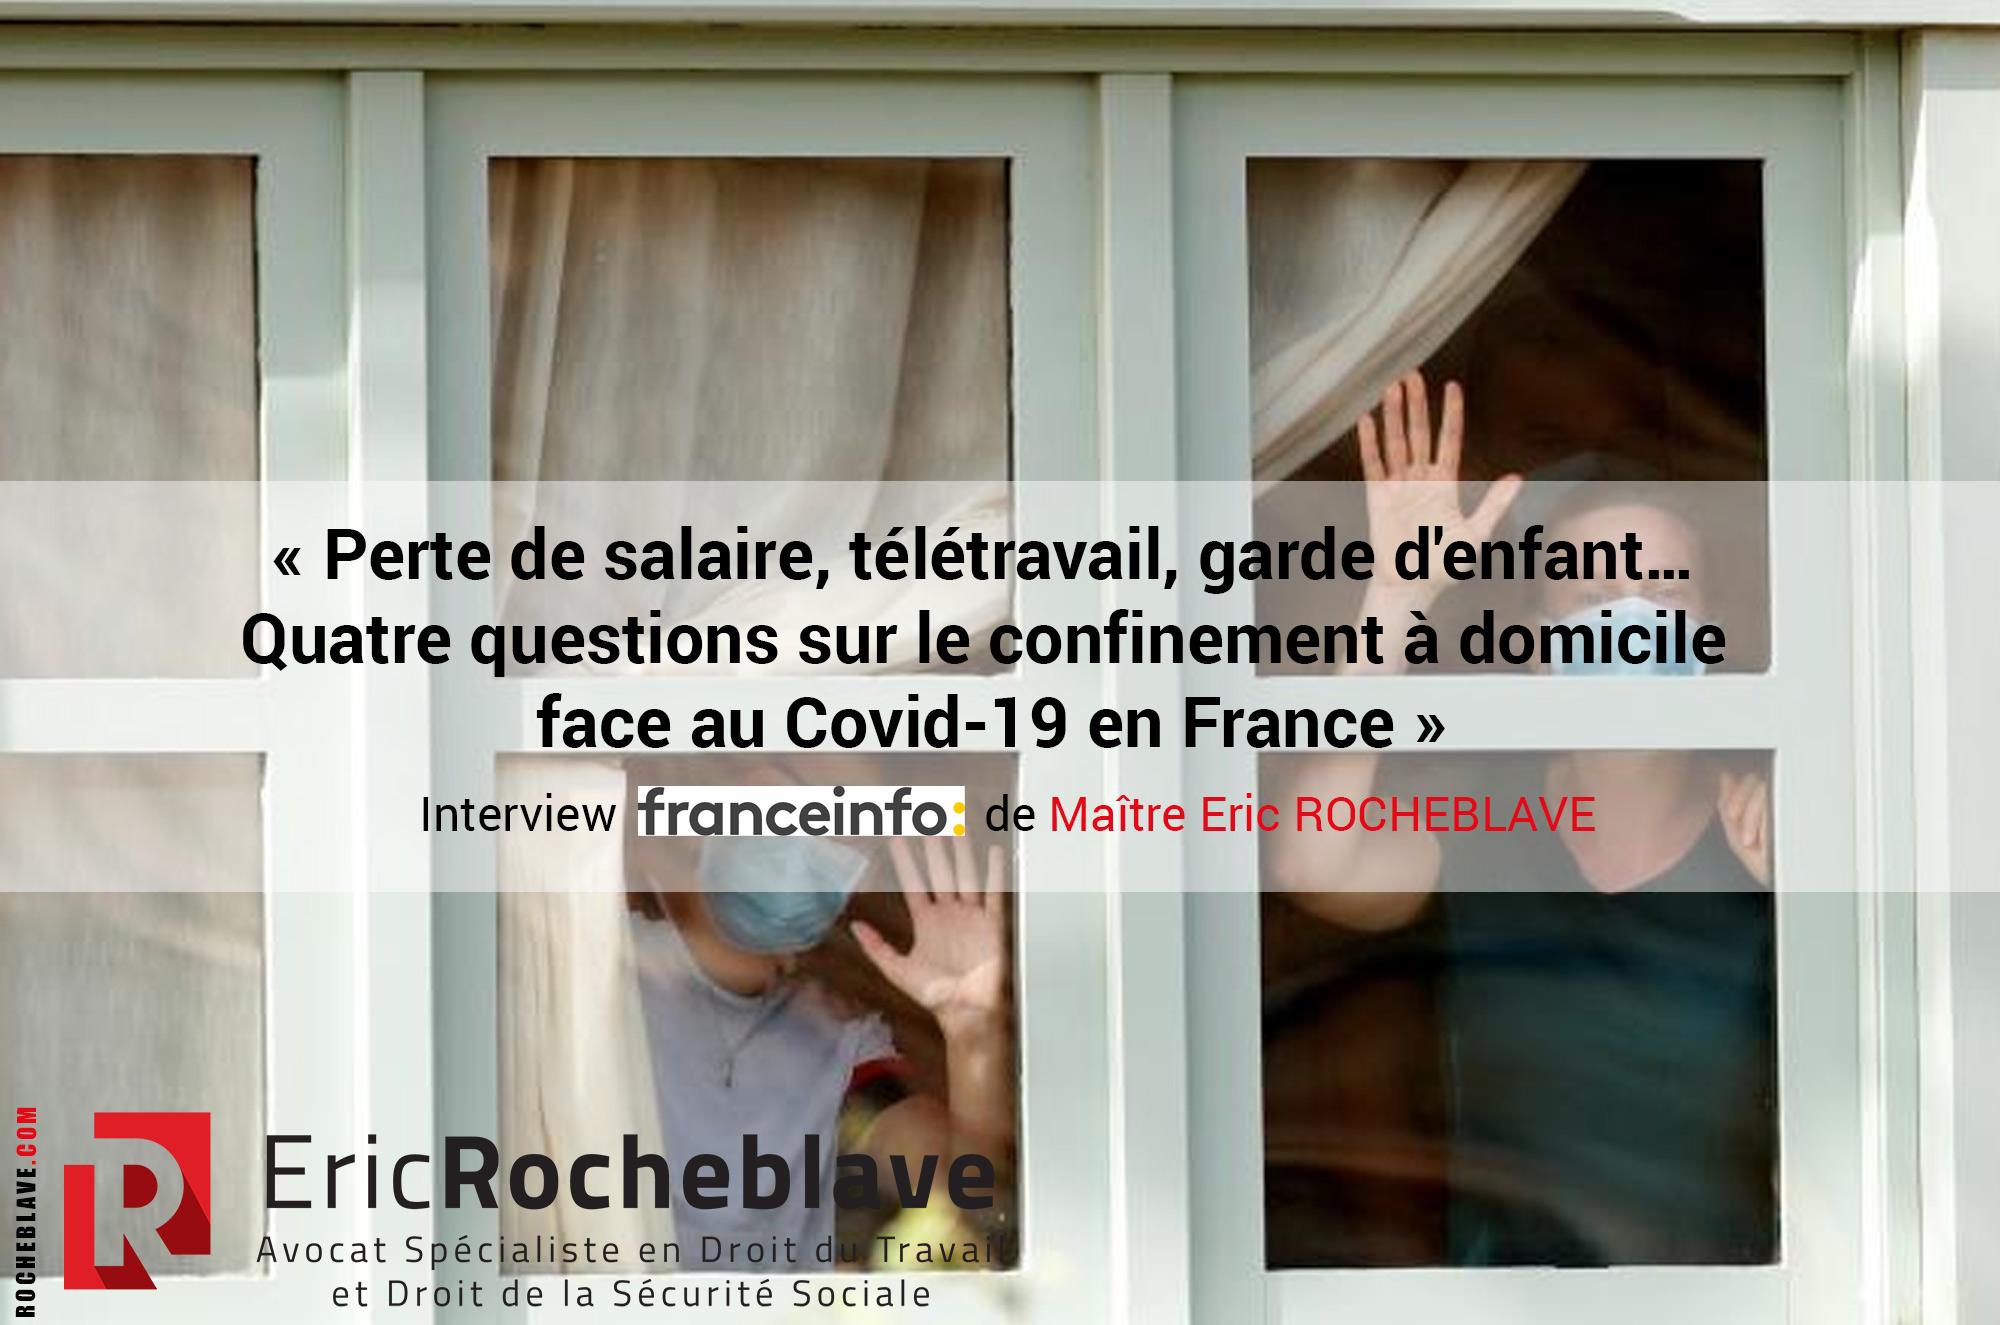 « Perte de salaire, télétravail, garde d'enfant… Quatre questions sur le confinement à domicile face au Covid-19 en France » Interview franceinfo de Maître Eric ROCHEBLAVE